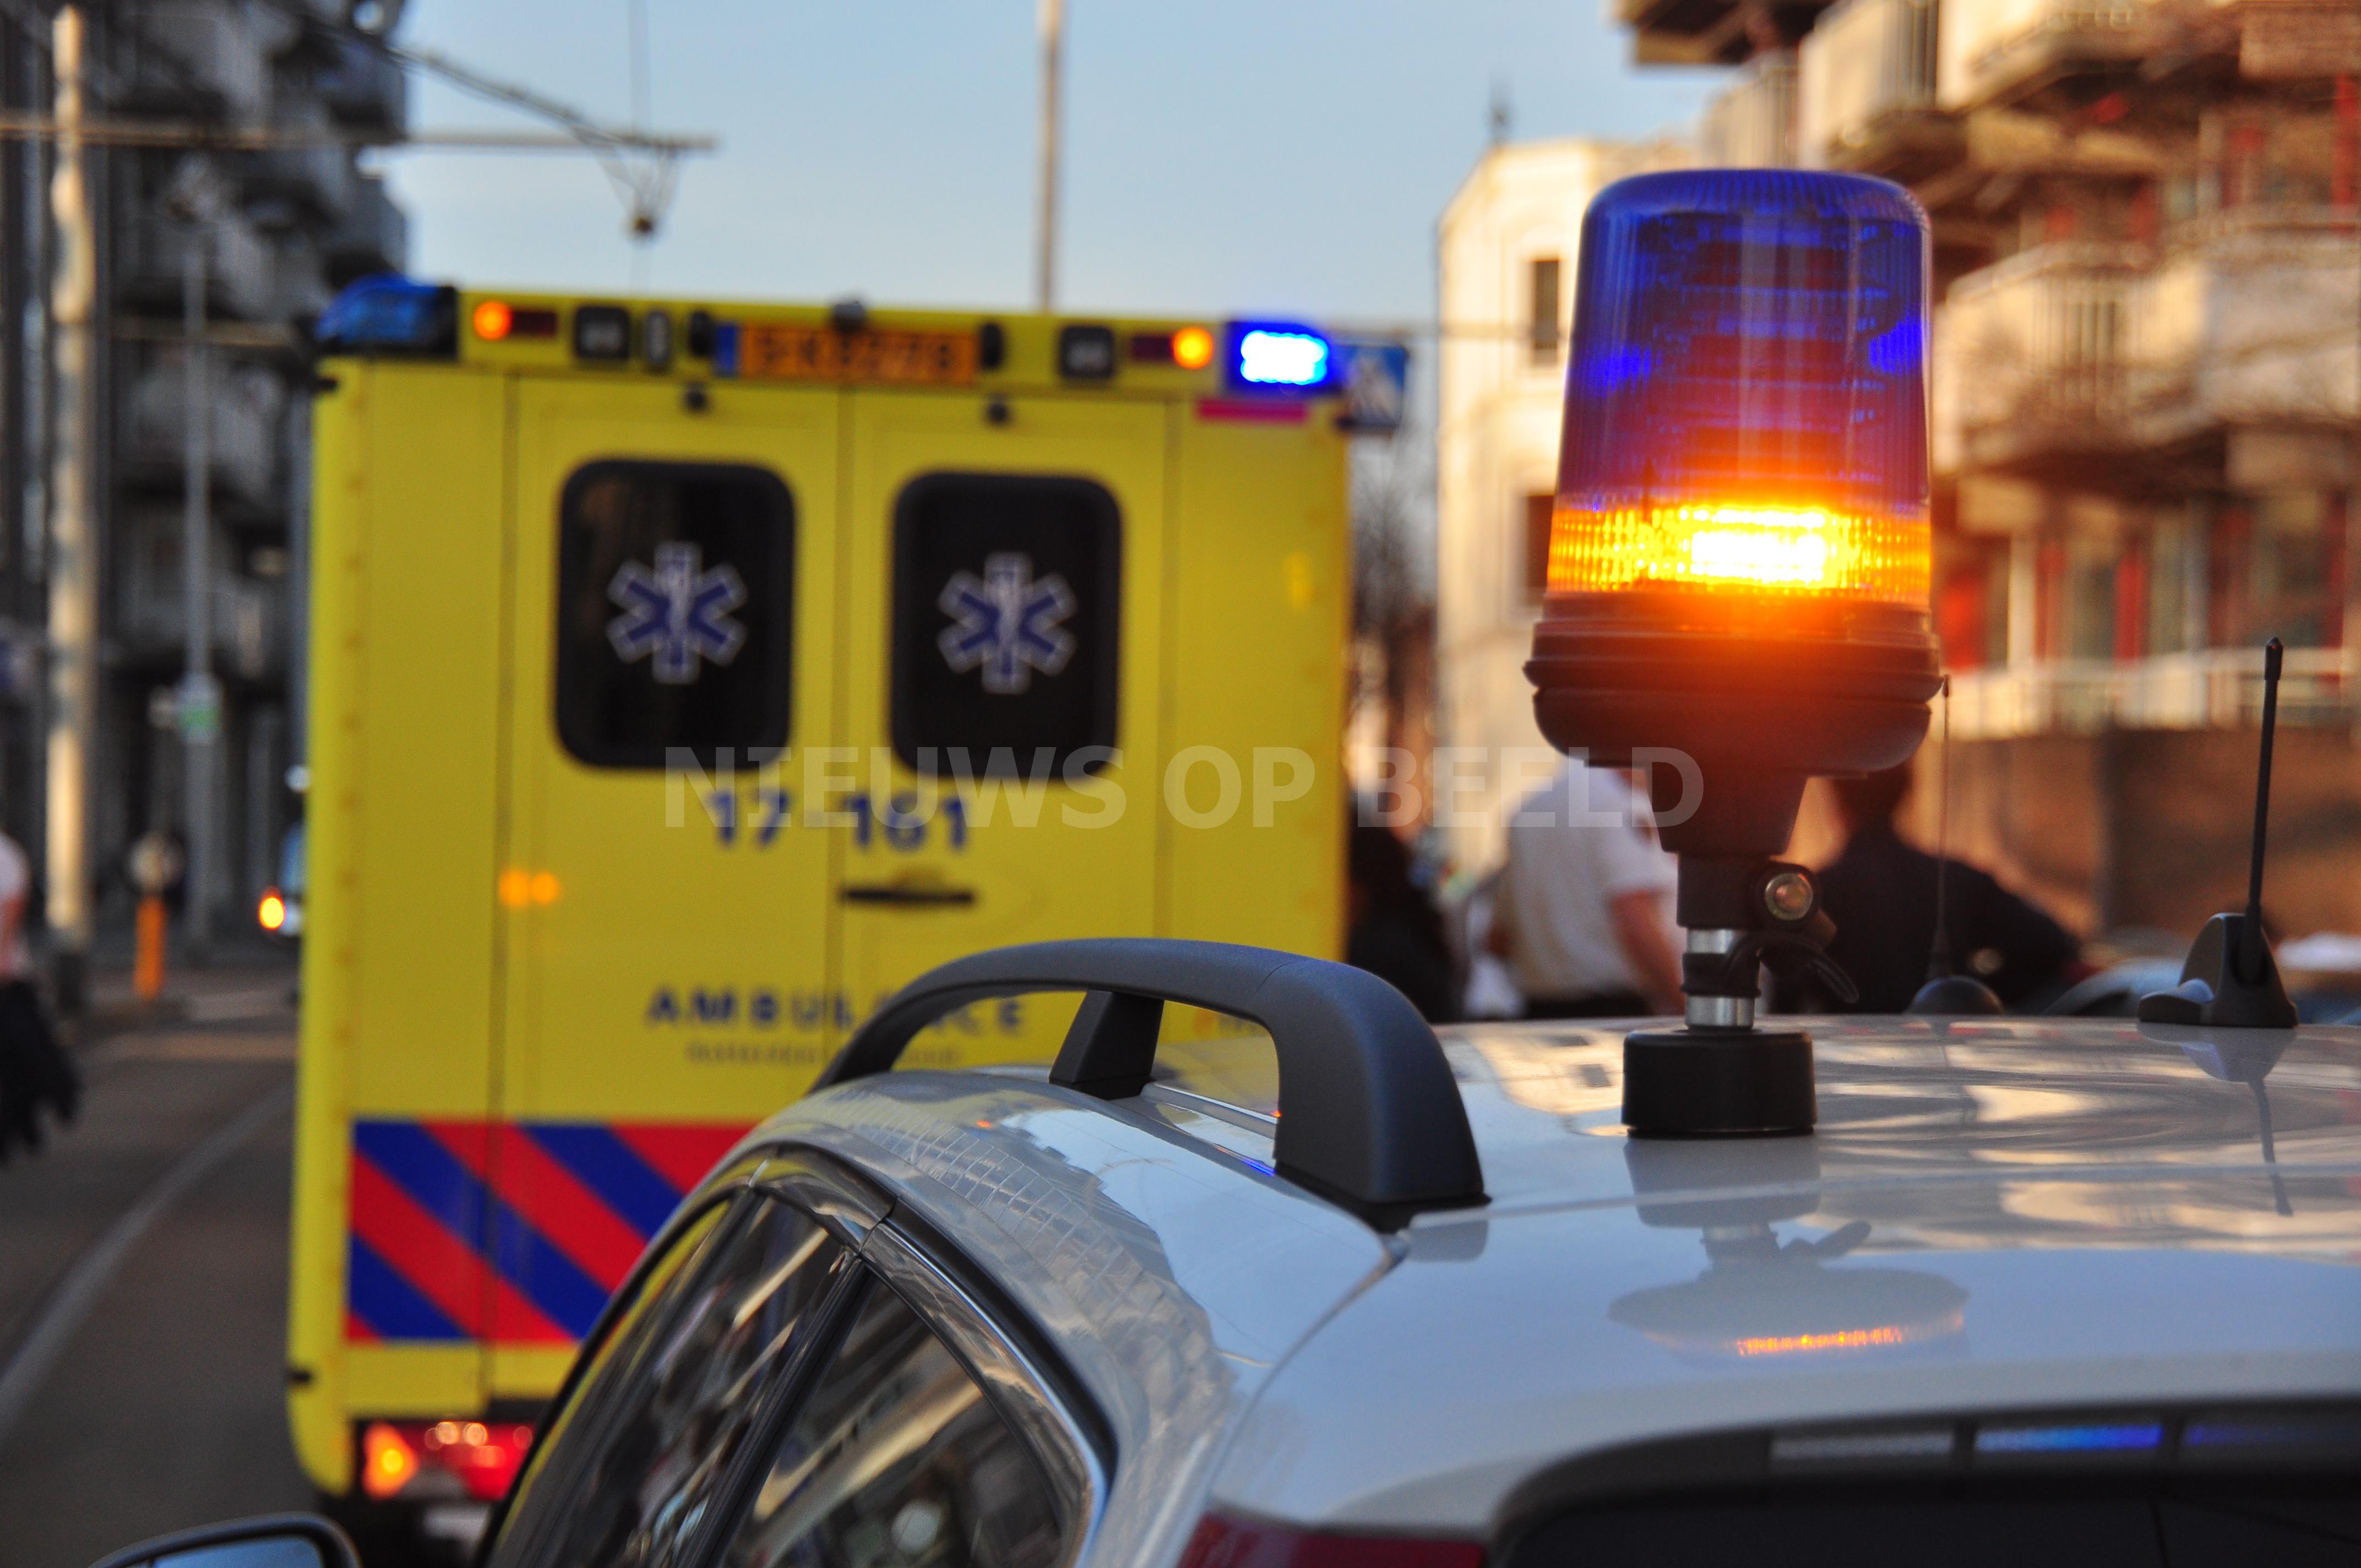 Oudere man beroofd Havenkade Wassenaar, politie zoekt getuigen